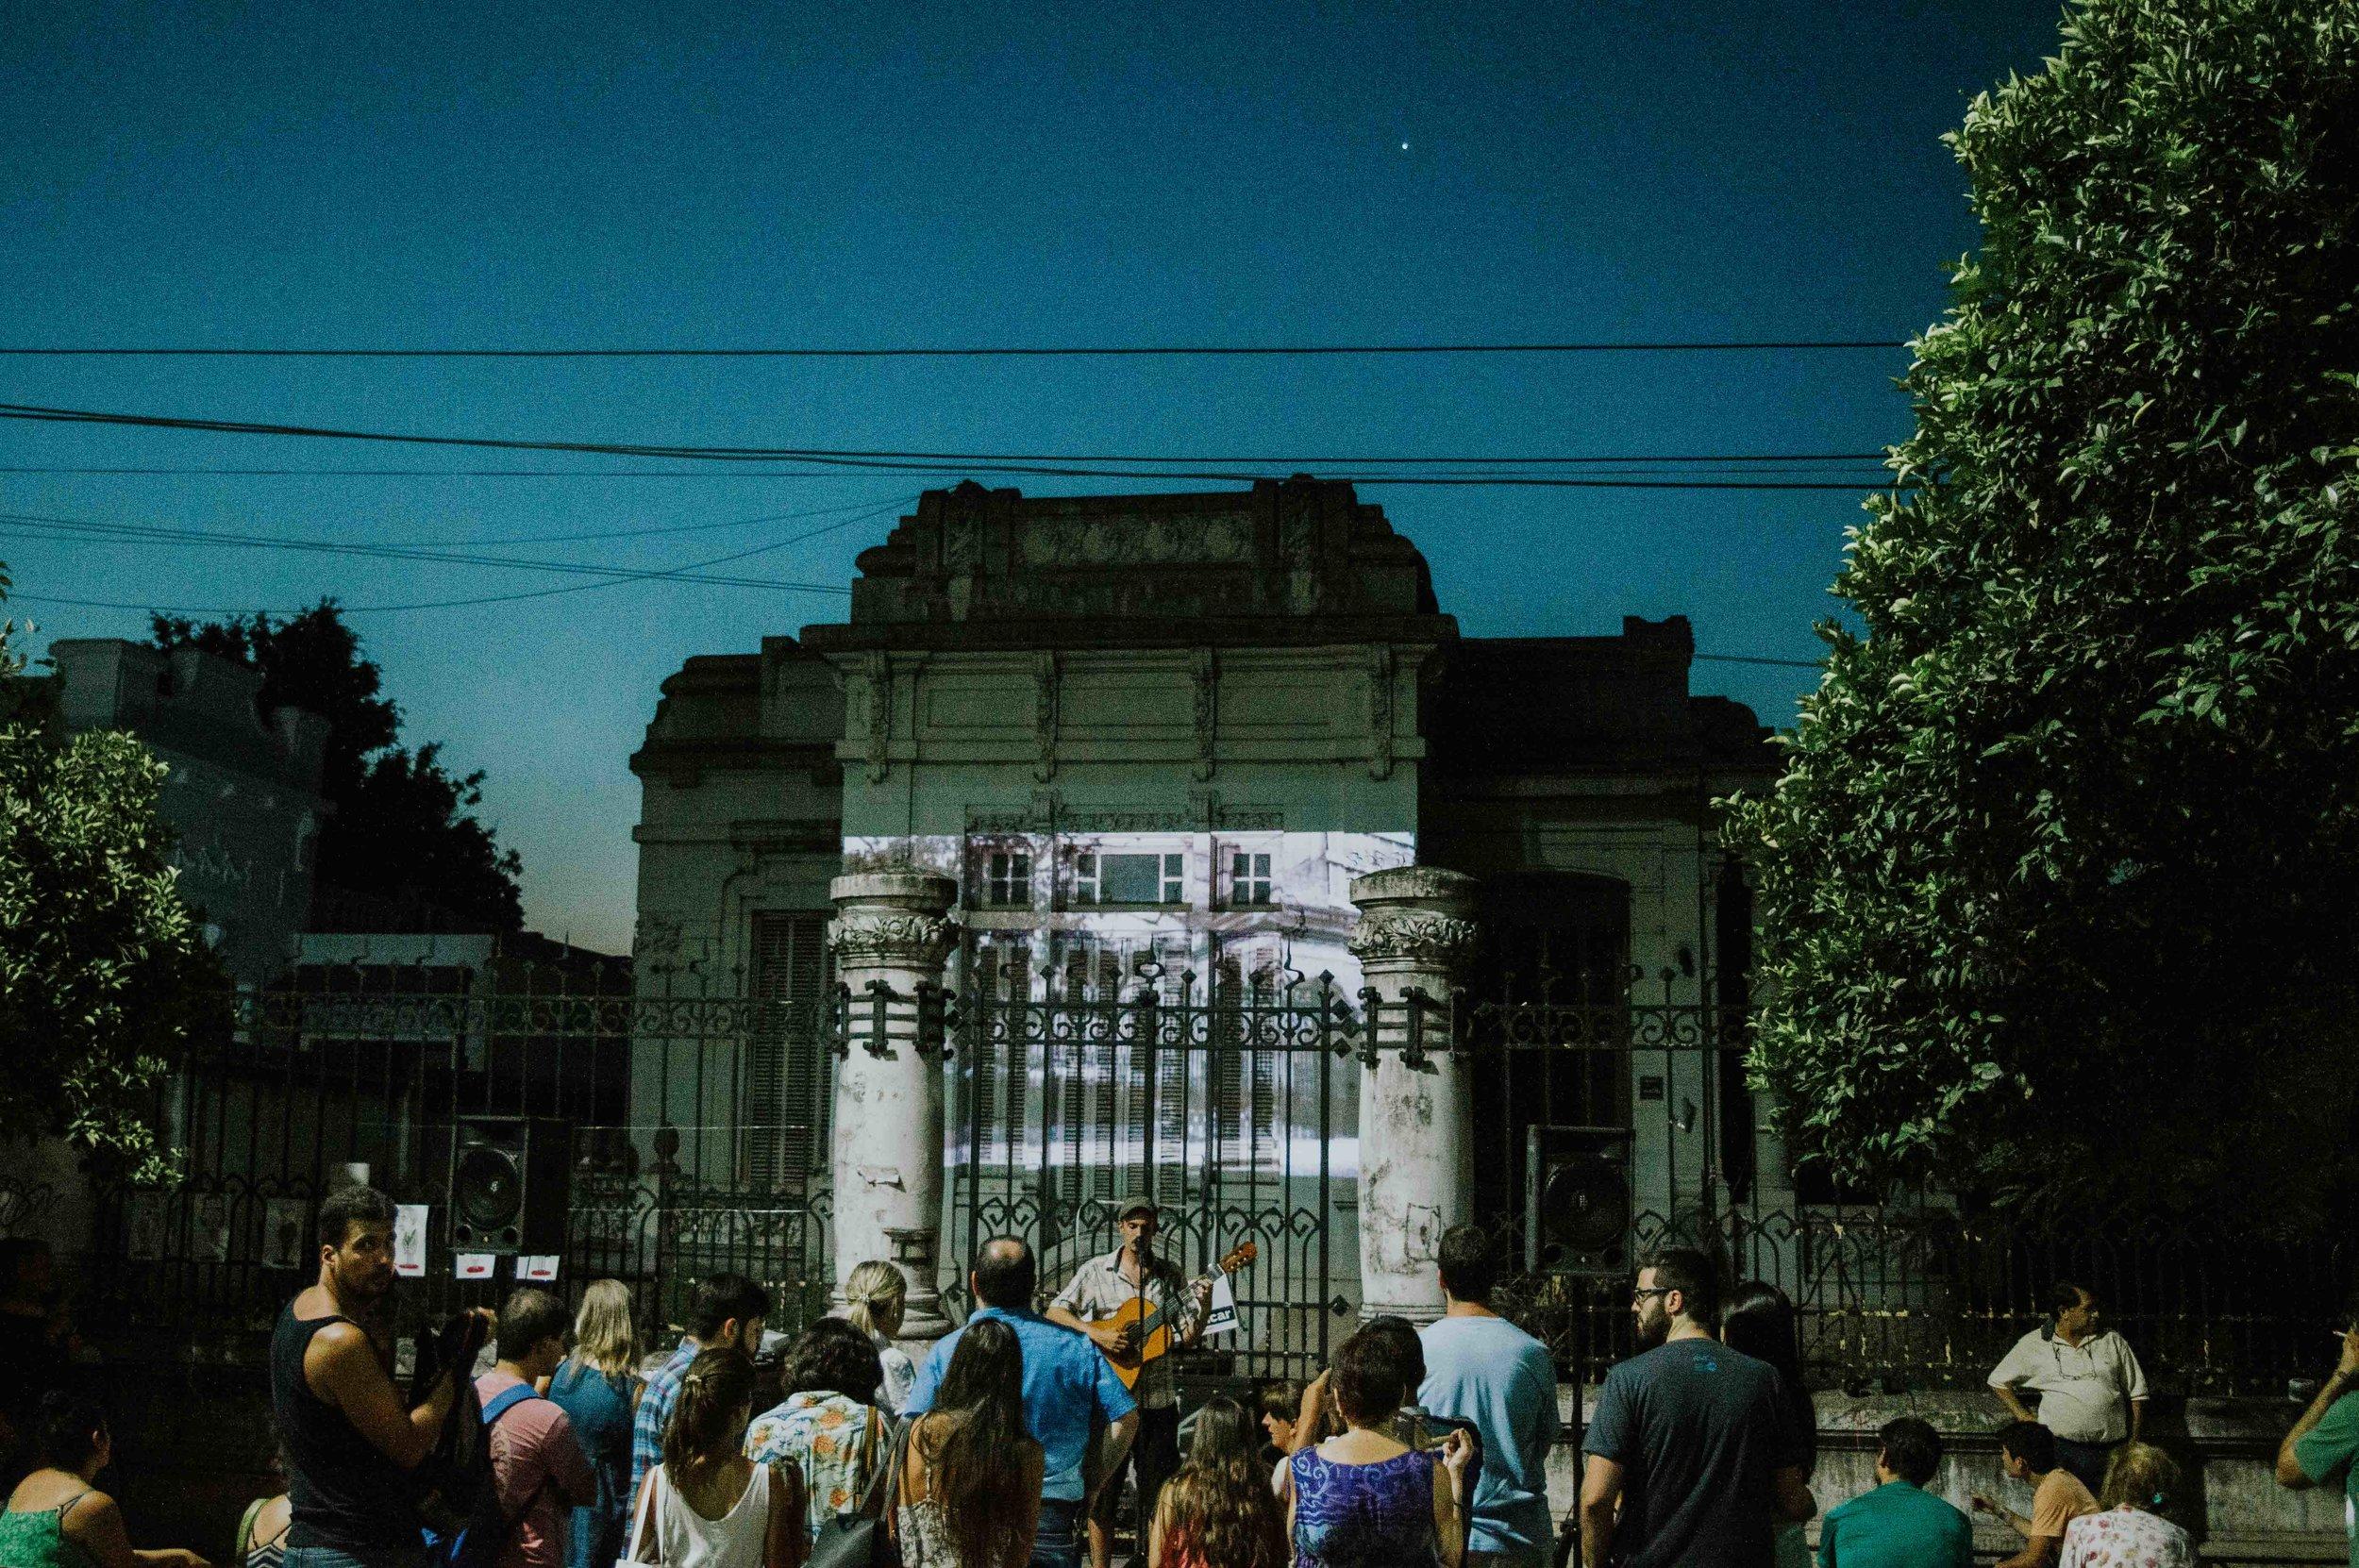 FOTO DE ARCHOIVO 2017 Demoler el viejo urbanismo - Agostina Rossini-8.jpg